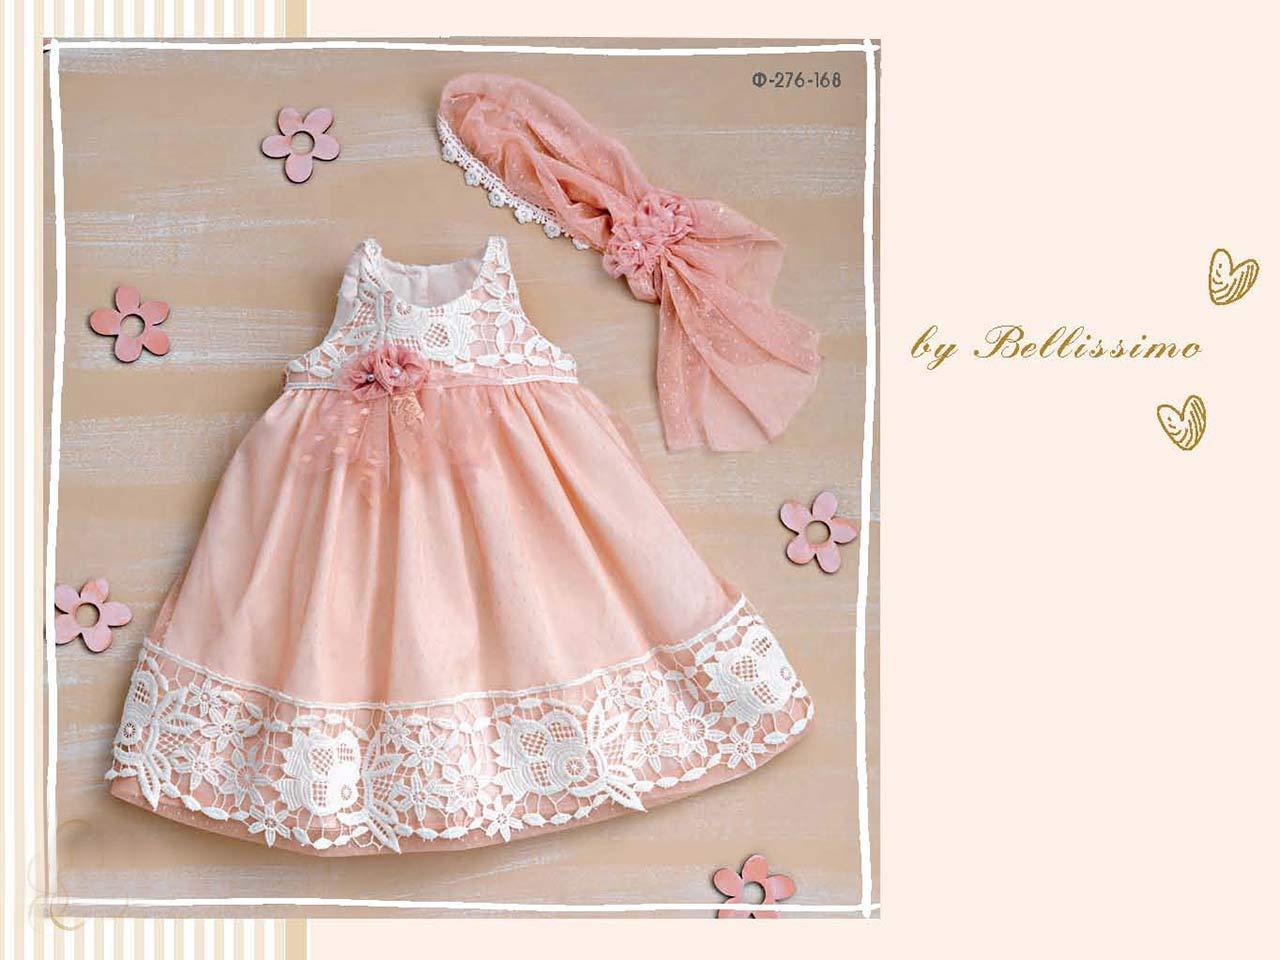 12c389f60bc Βαπτιστικό Φόρεμα Βαμβακερή Δαντέλα- Βαπτιστικό Φόρεμα